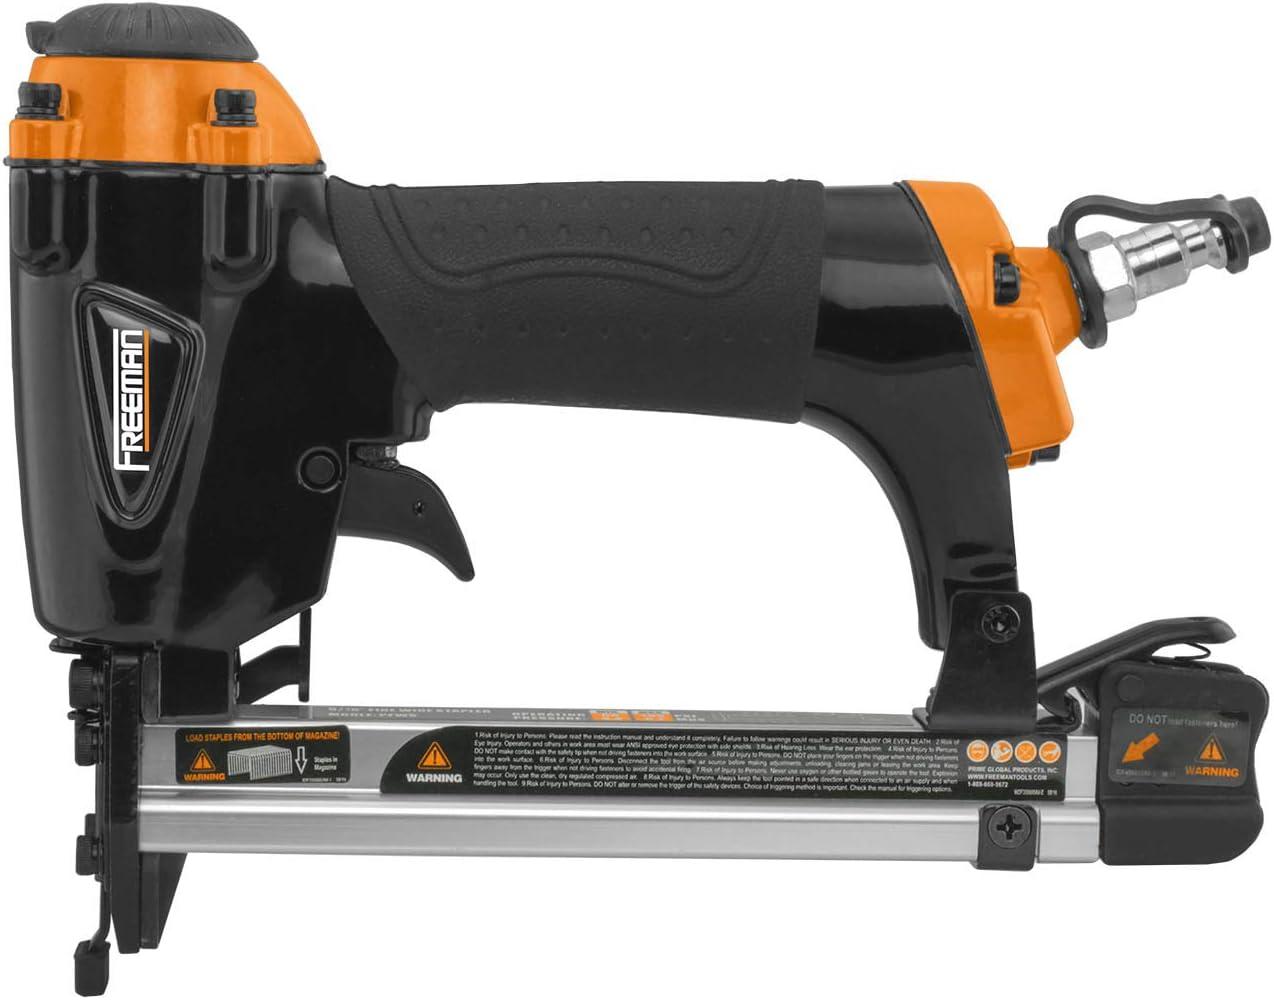 Air Pneumatic Staplers Staple Gun Upholstery Wire Framing Fine Stapler Tool